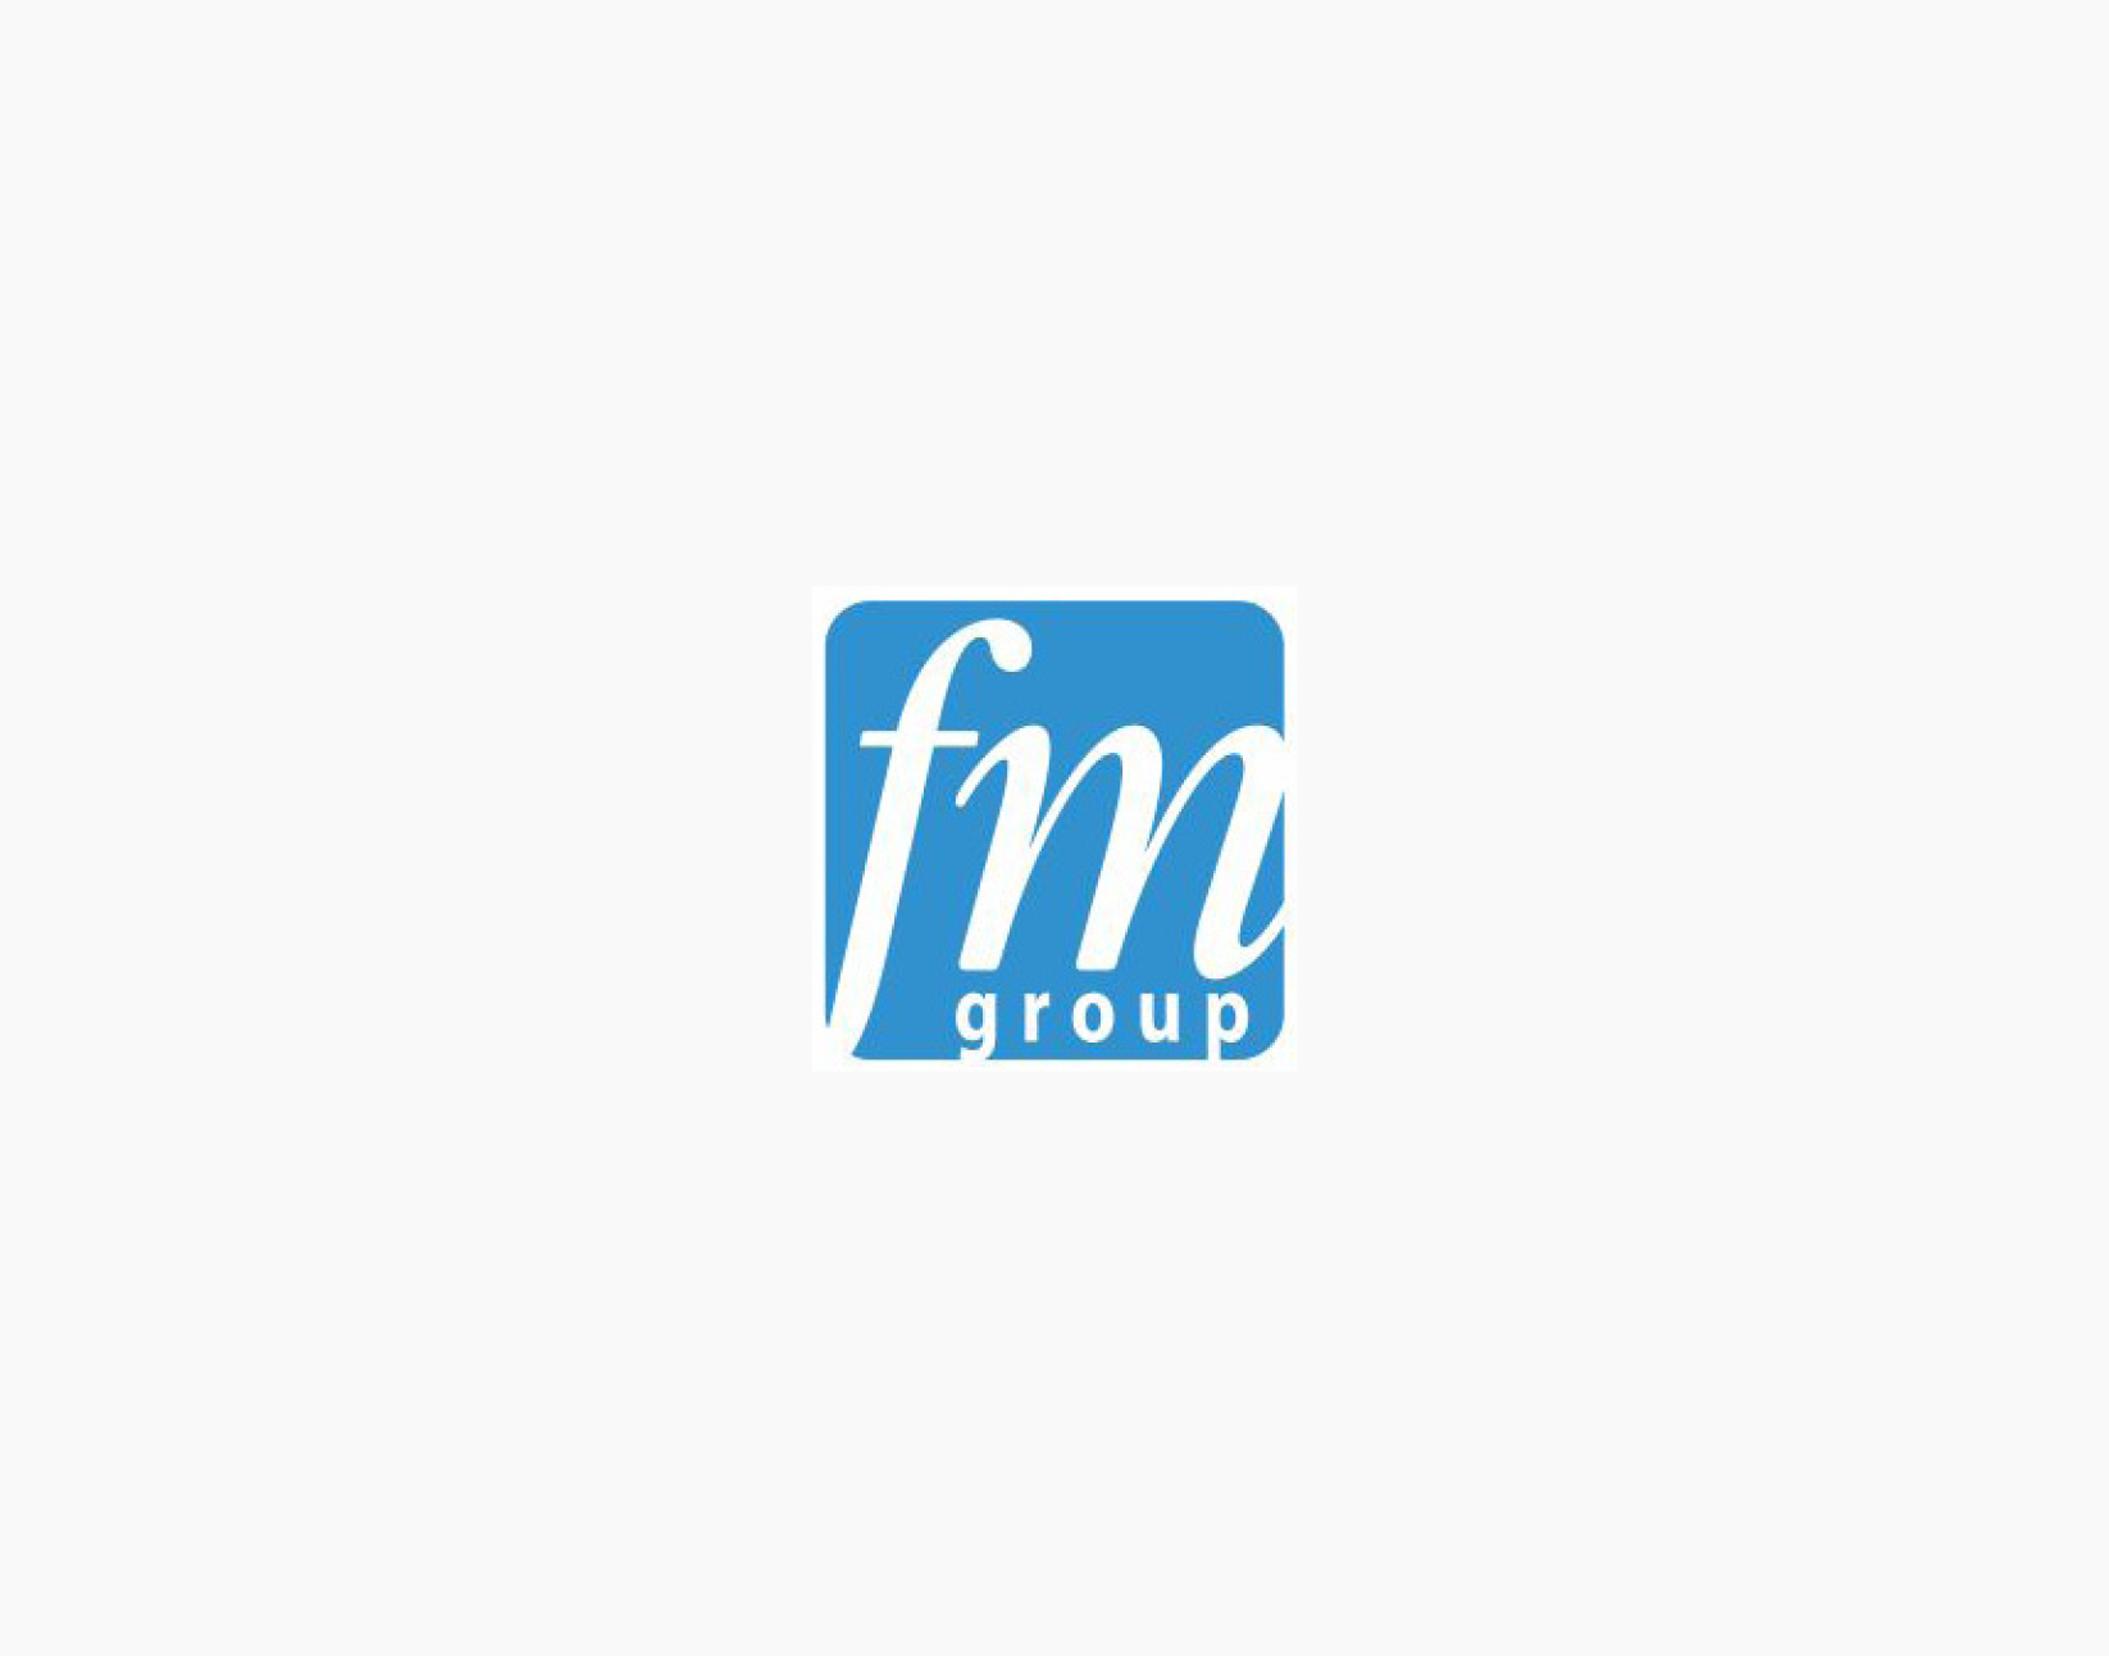 FM group Vcard